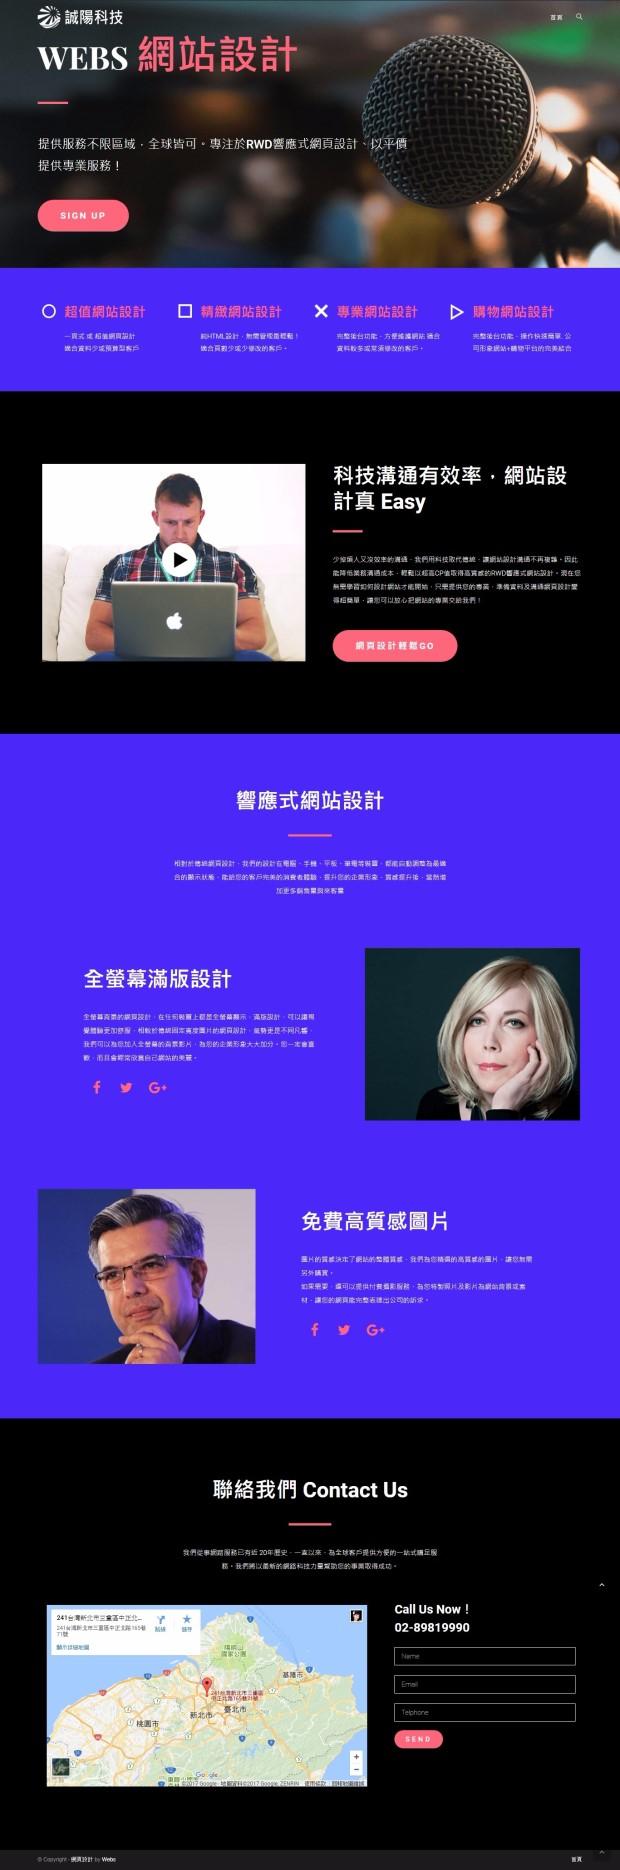 網頁設計-風格31-1